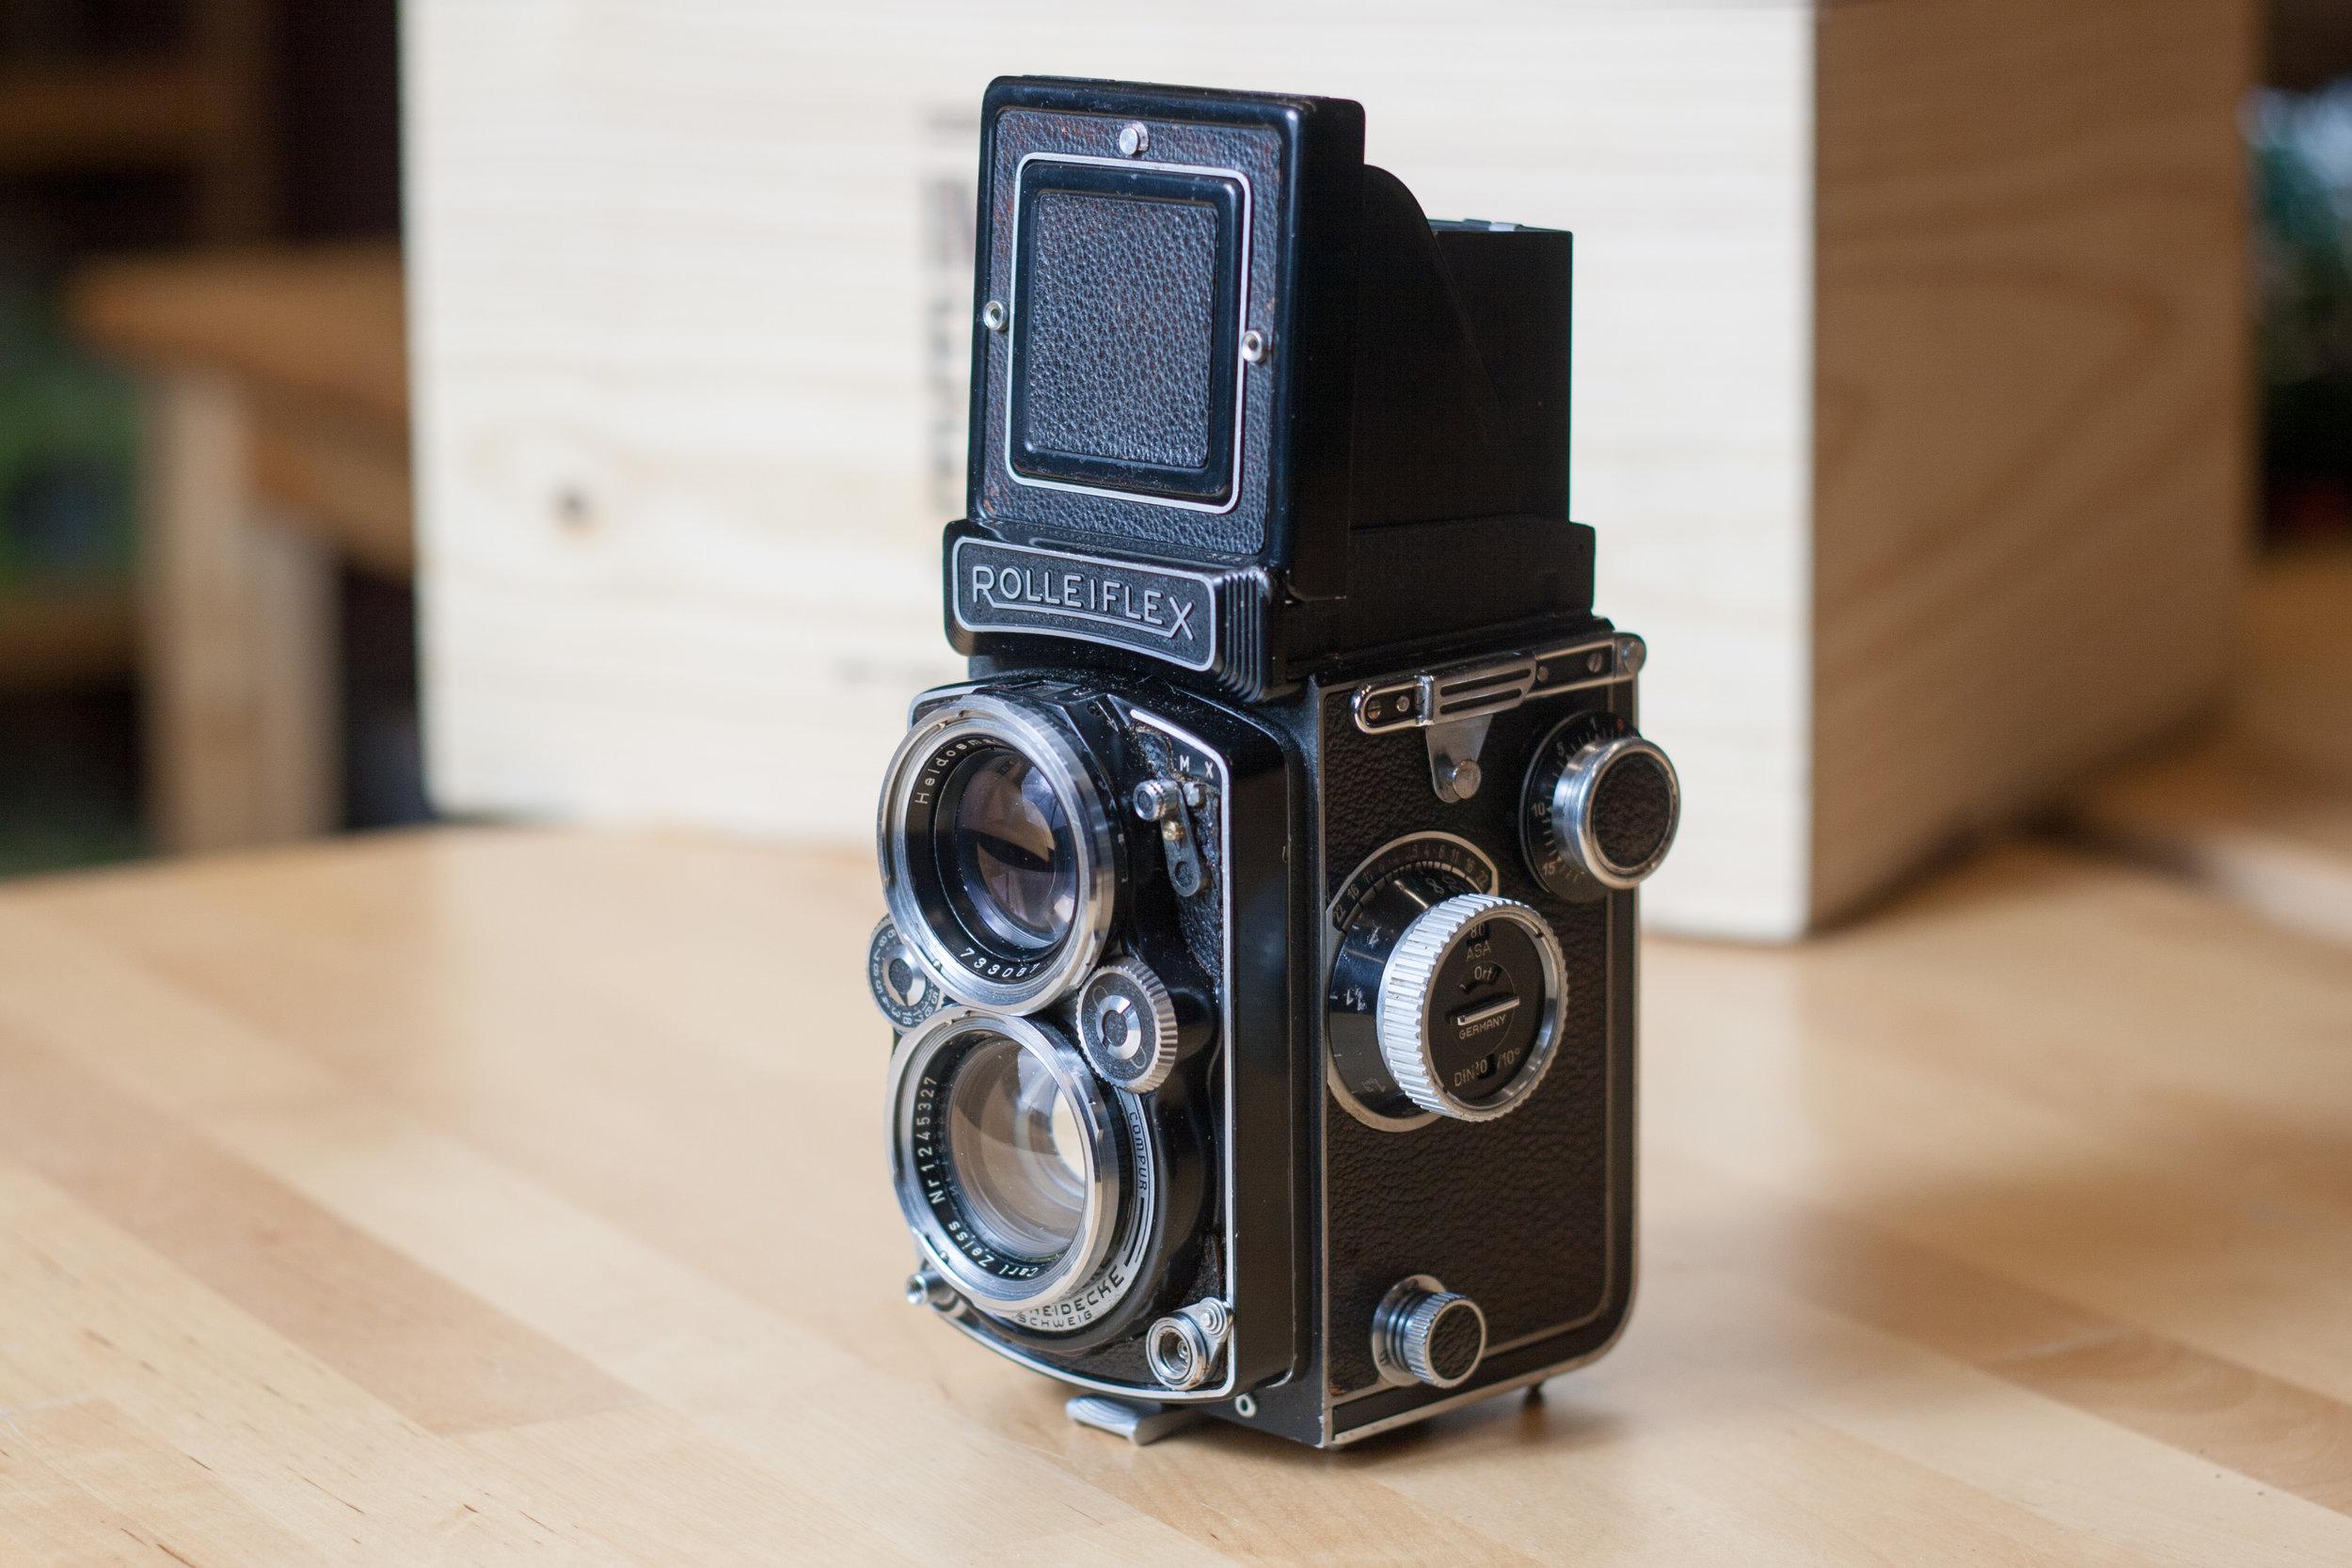 The Rolleiflex 2.8D